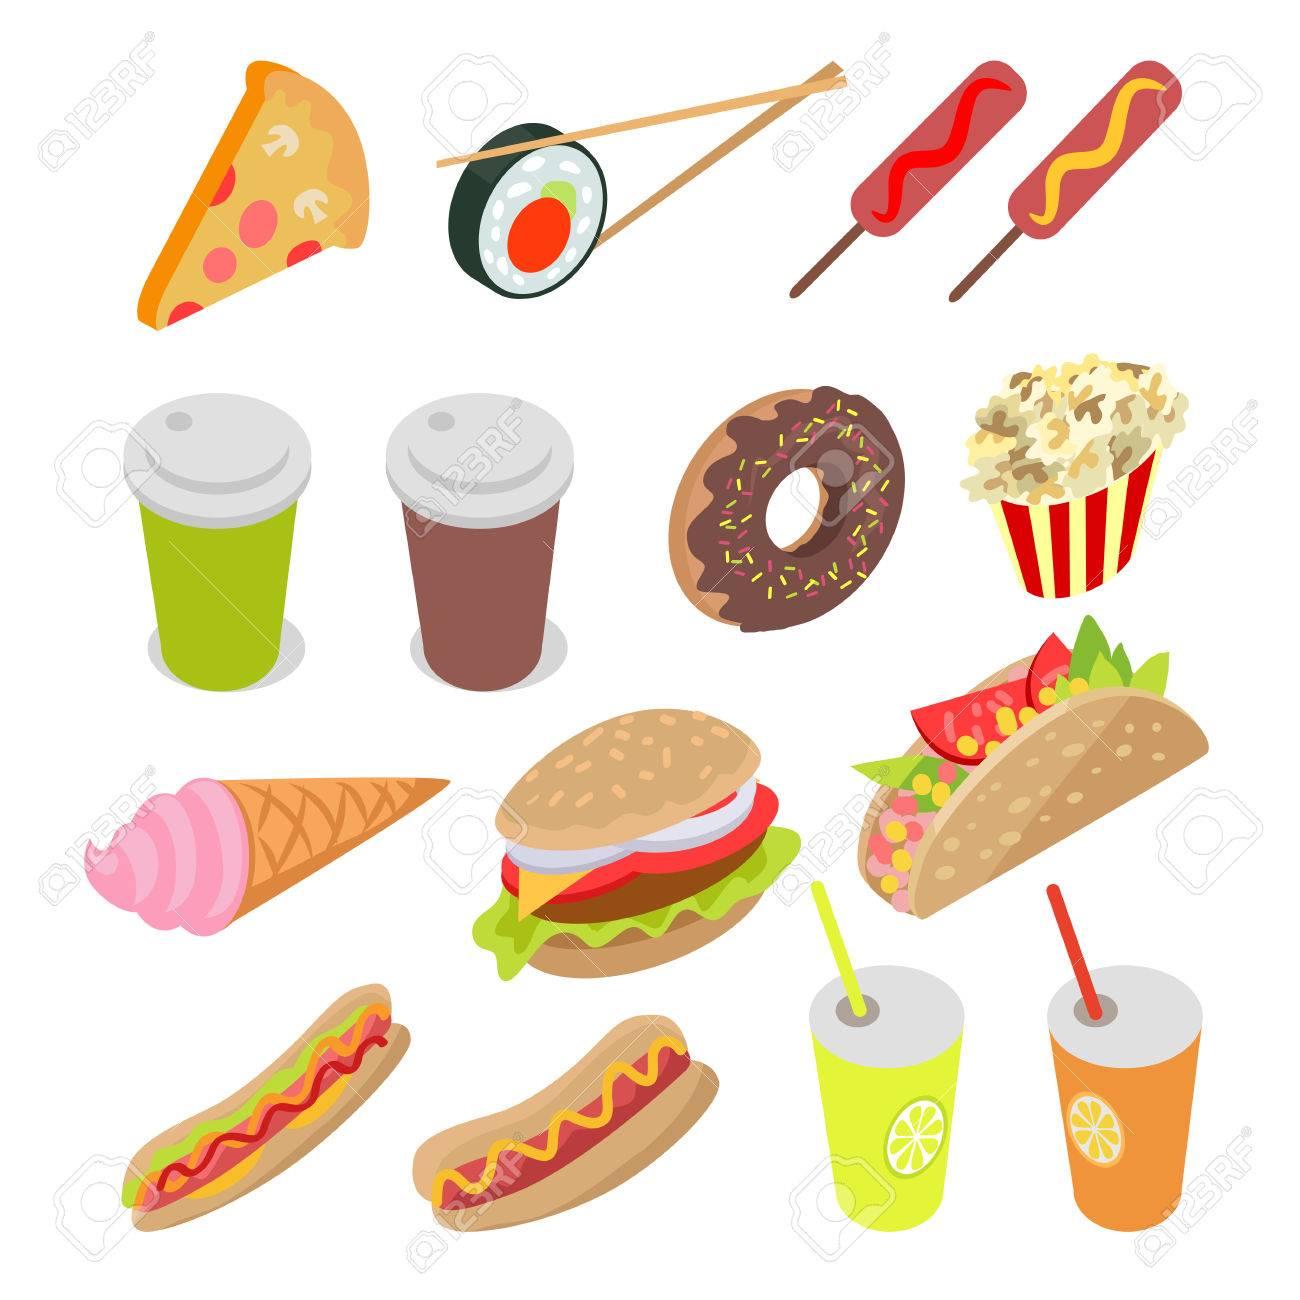 Ungesunde Lebensmittel und Getränke Set. Vector Illustration